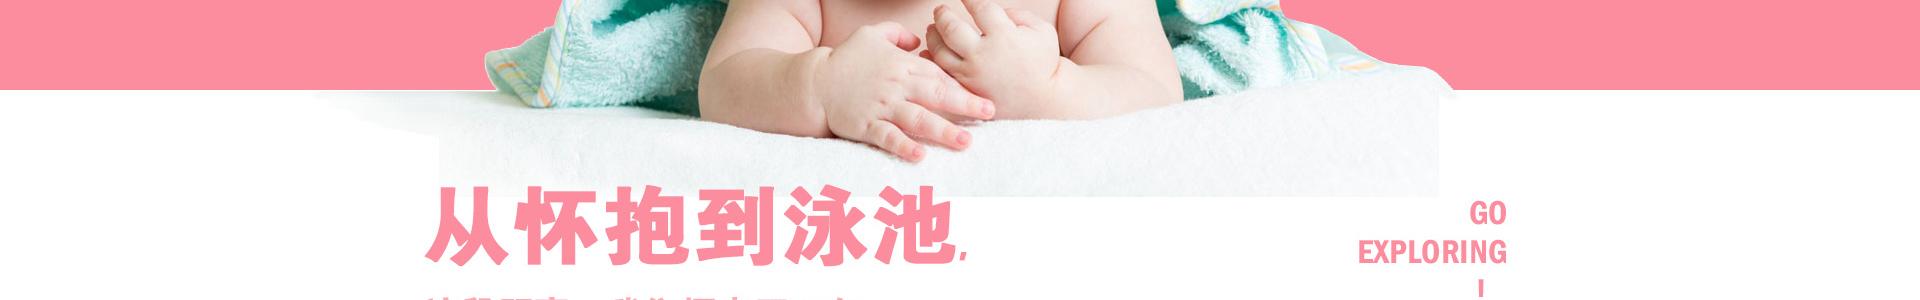 爱玩爱游亲子成长中心aiwanay_03